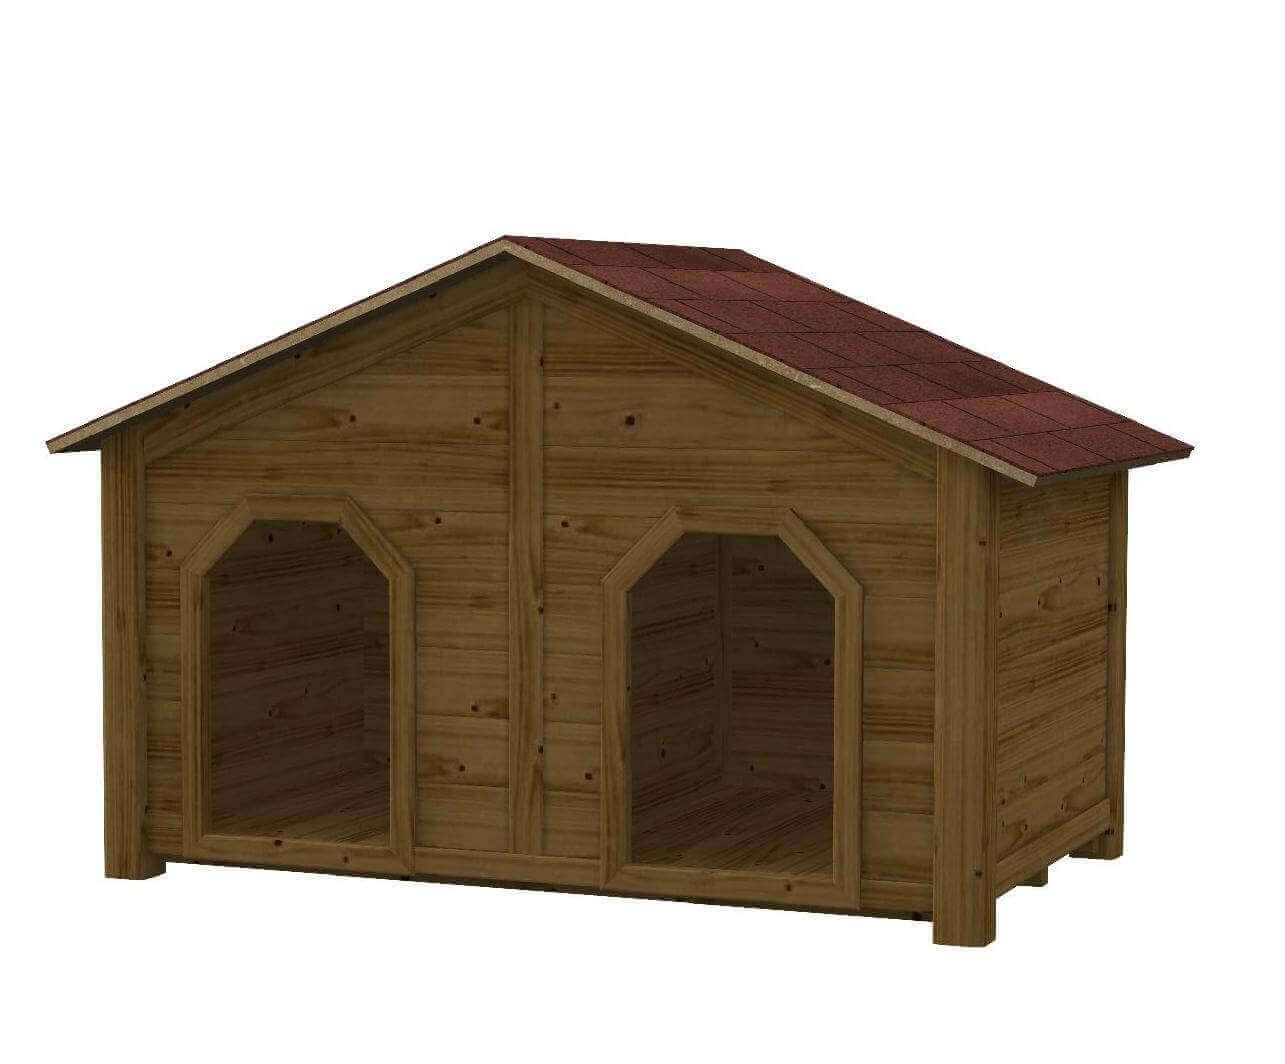 Cuccia doppia in legno per cani da esterno kiwi for Cucce per gatti da esterno coibentate